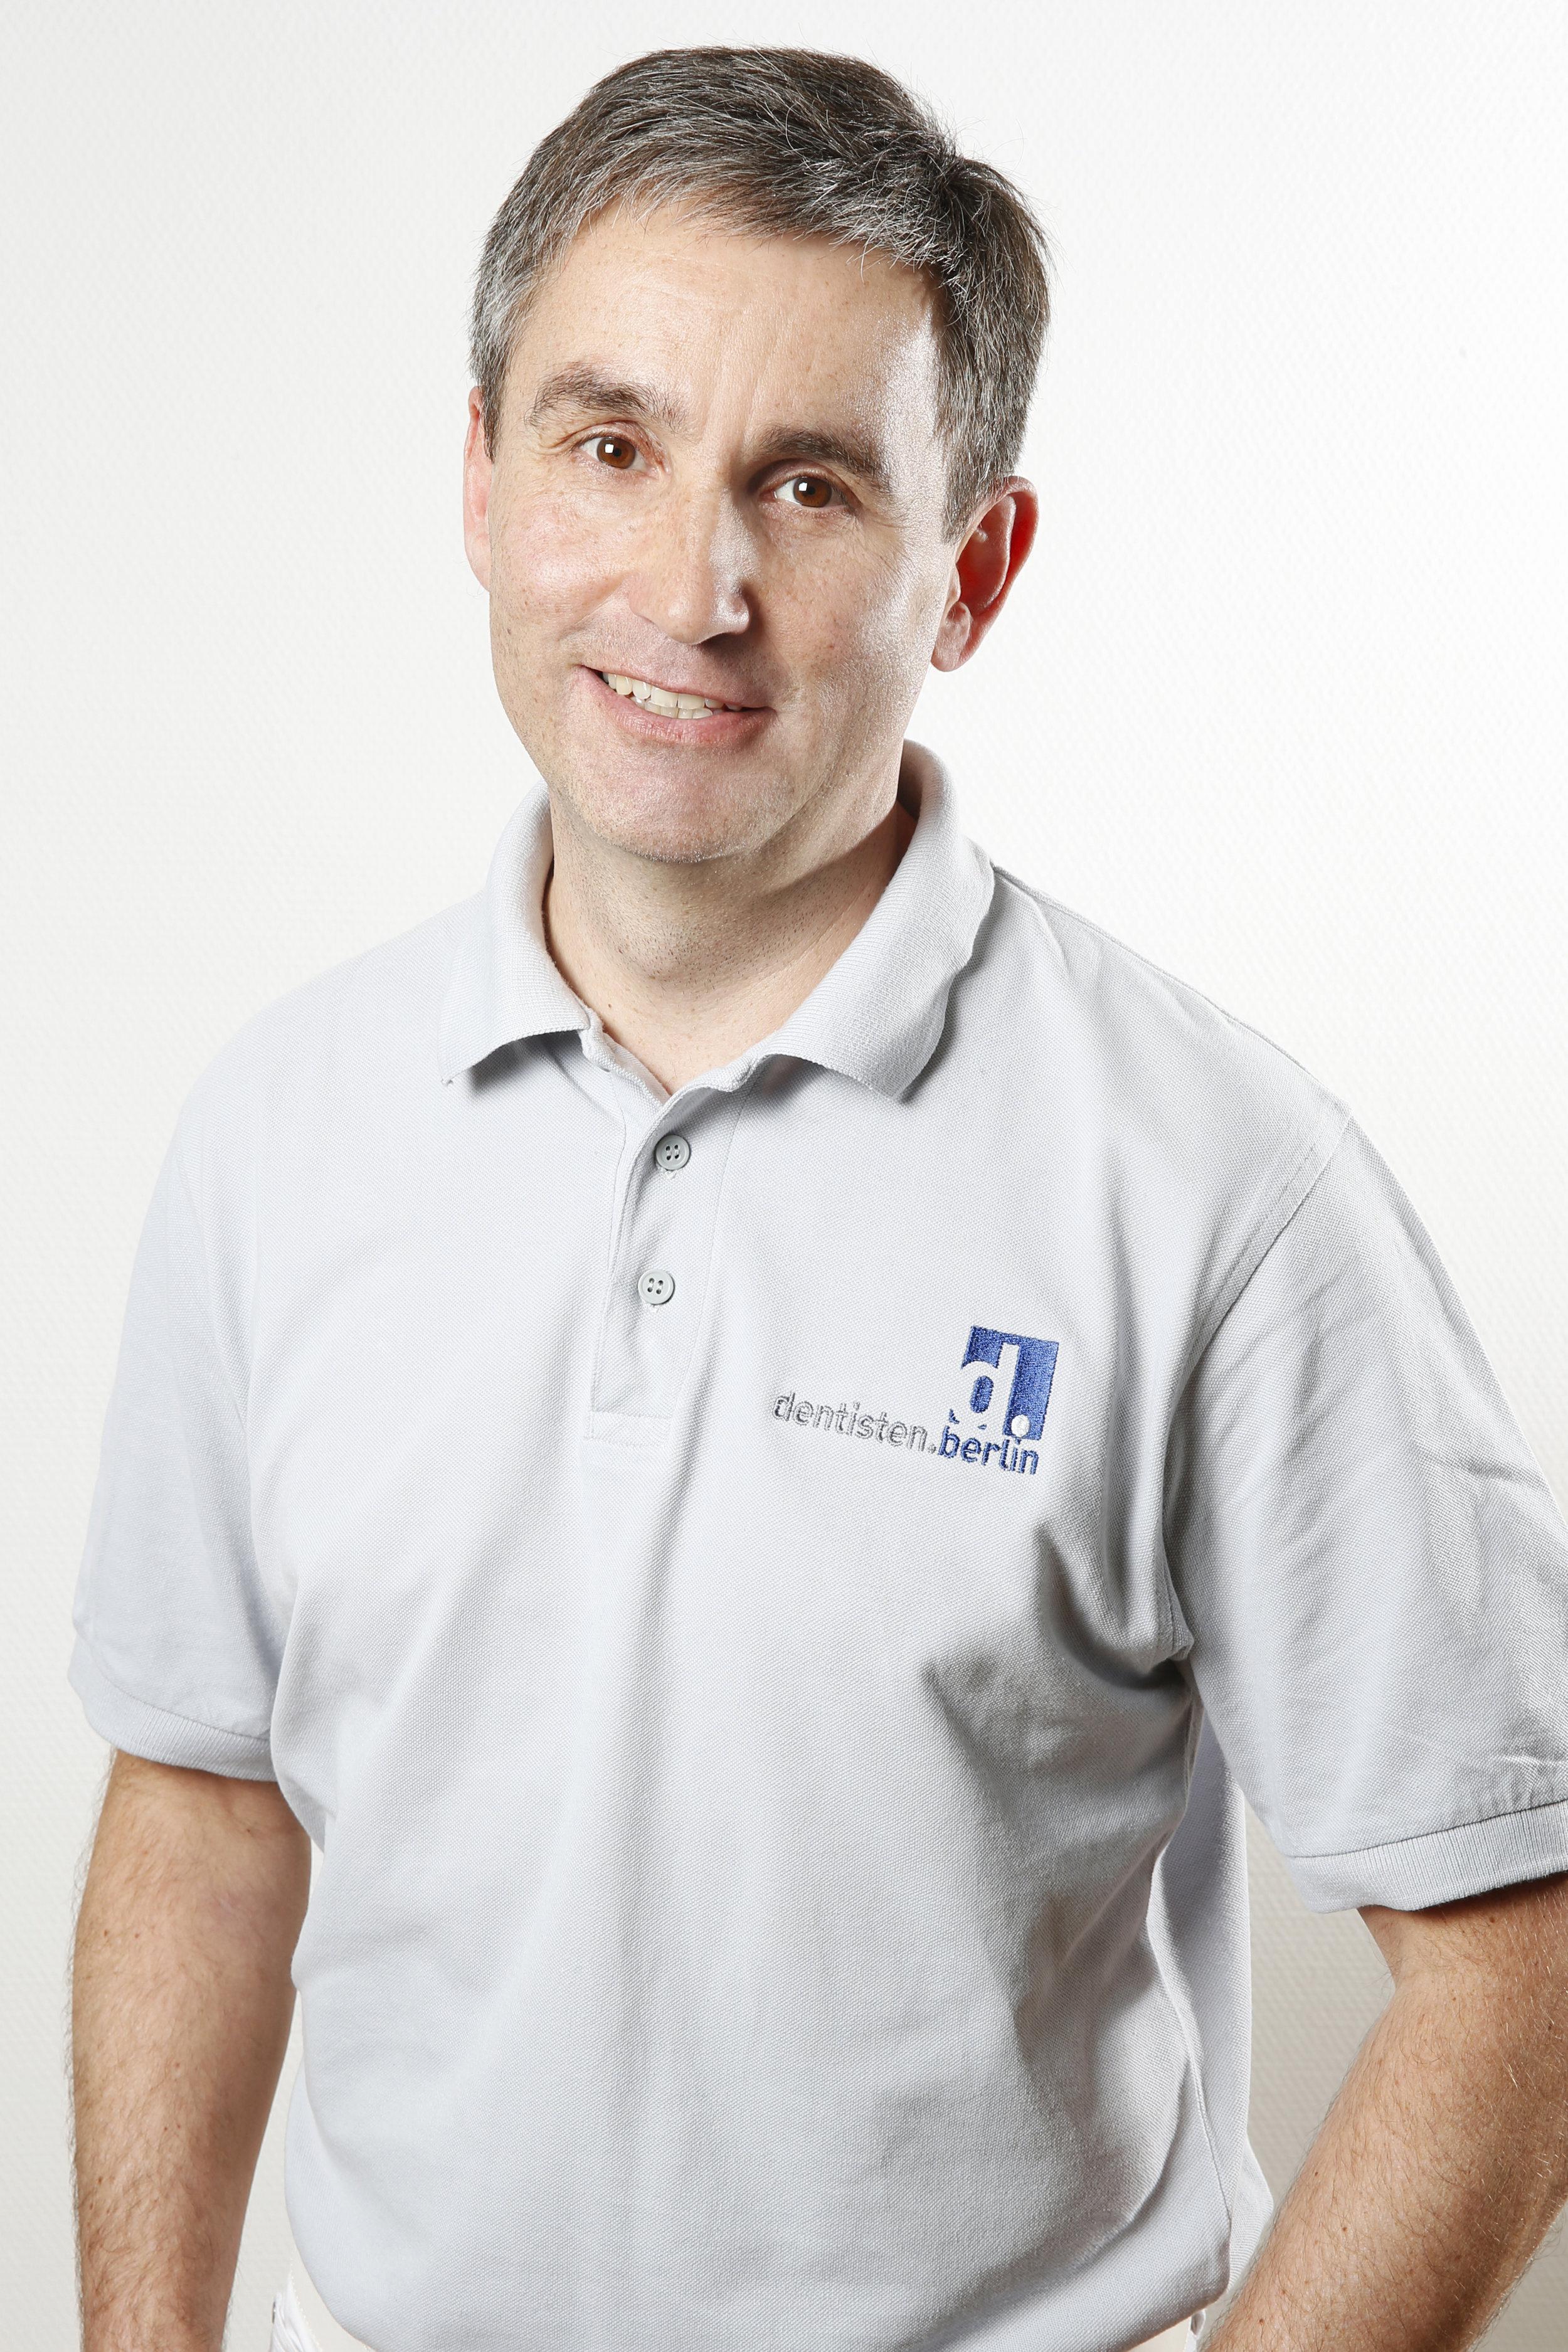 Lutz Brausewetter - Examen 1996 in Berlin, seit 1997 in der Praxis und seit 2003 Partner und Mitgestalter der neuen Praxisstruktur. Neben der Konservierenden Zahnheilkunde und Prothetik ebenfalls Experte in der CEREC-Technik, zertifizierter Trainer und Referent, und gleichermaßen an der DDA Berlin beteiligt.